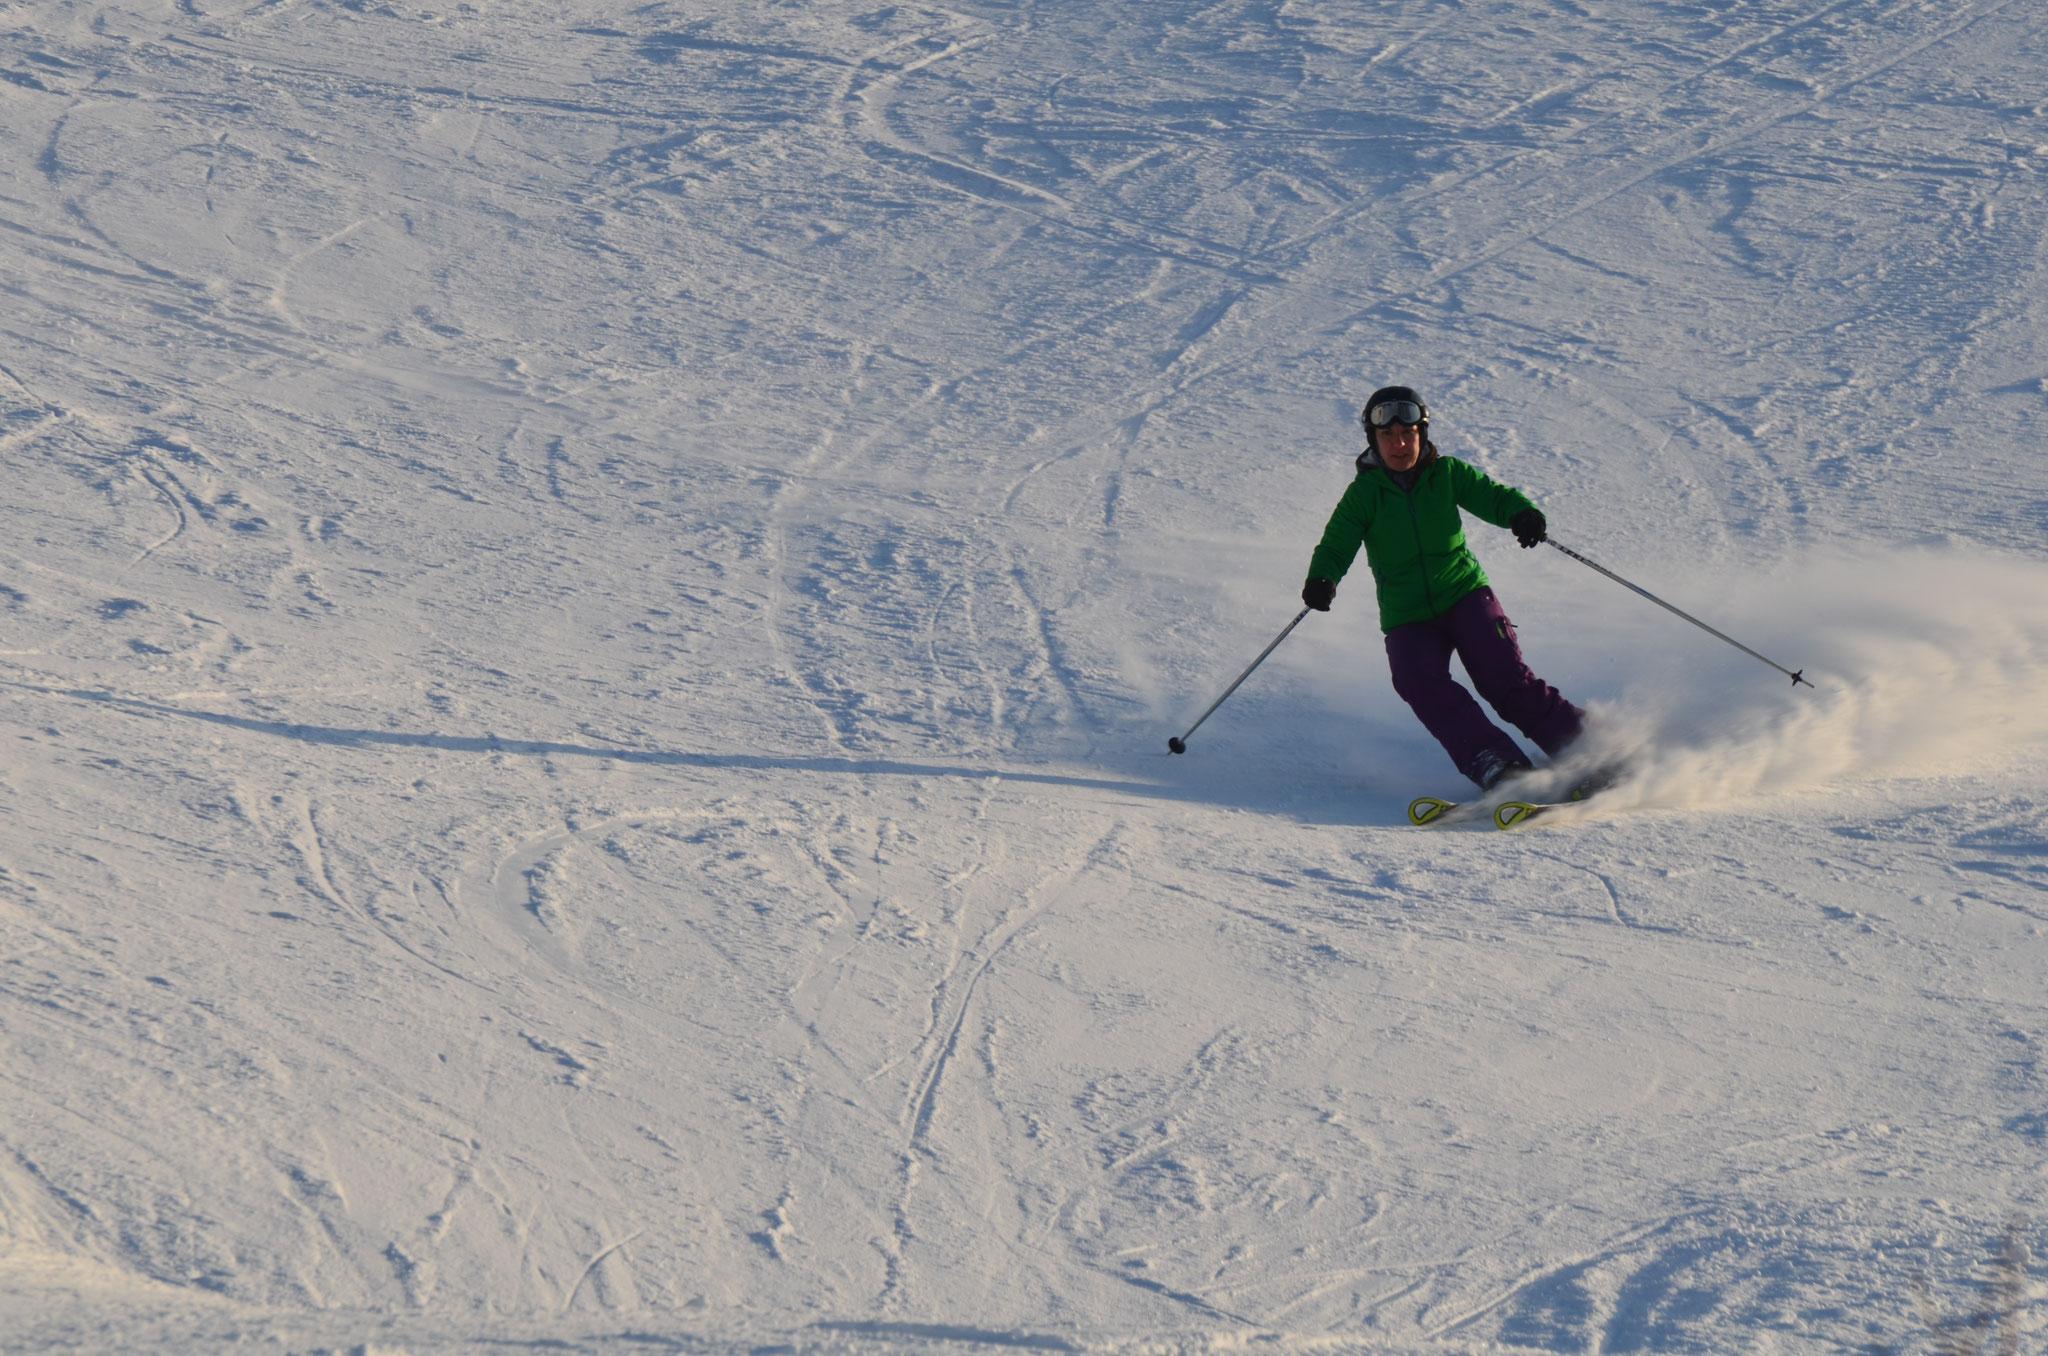 Skifahren ist und bleibt meine große Leidenschaft